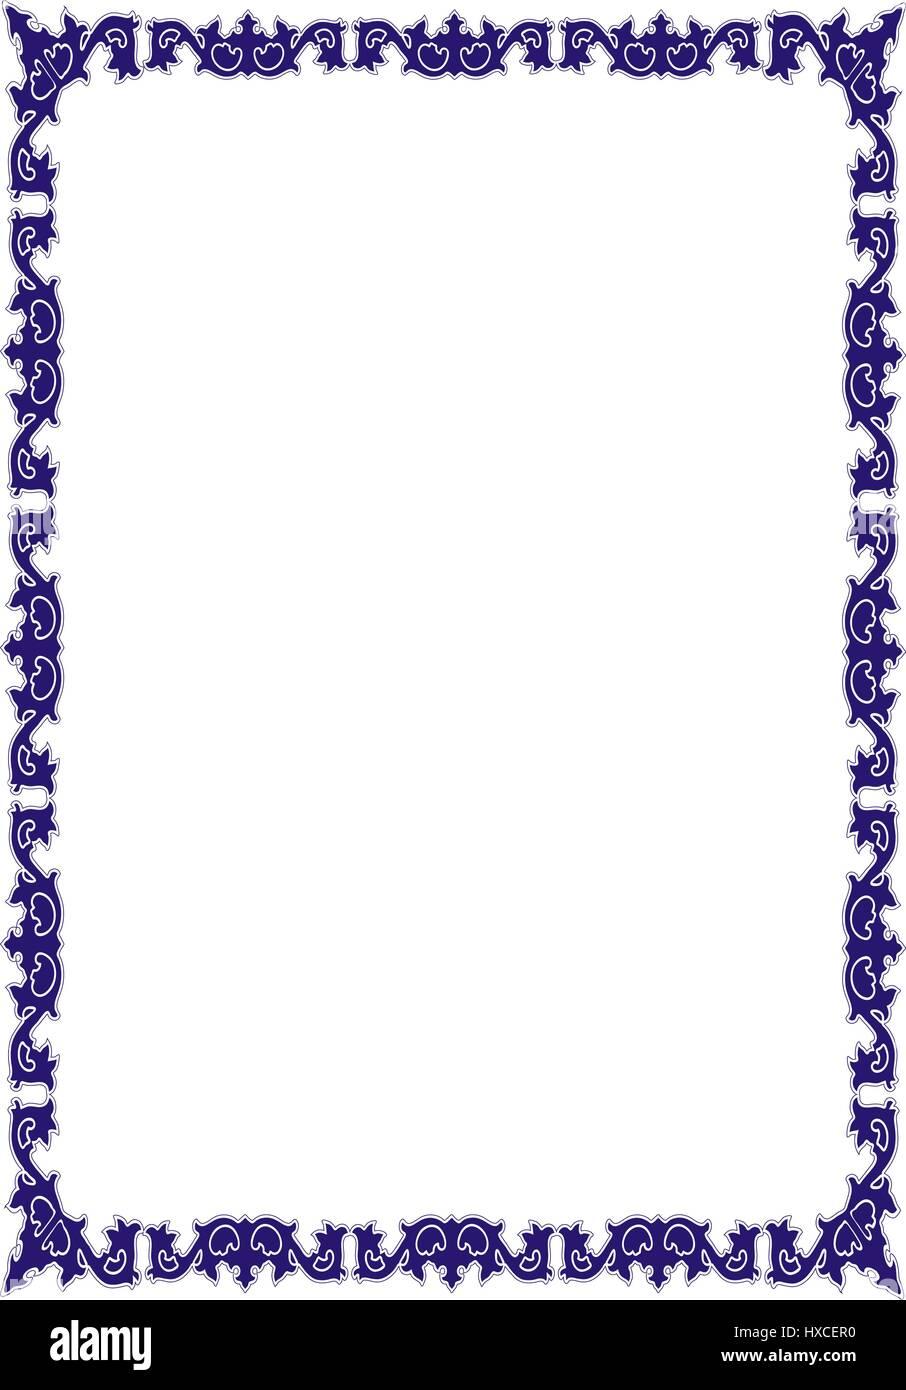 Very Decorative Certificate Stockfotos & Very Decorative Certificate ...